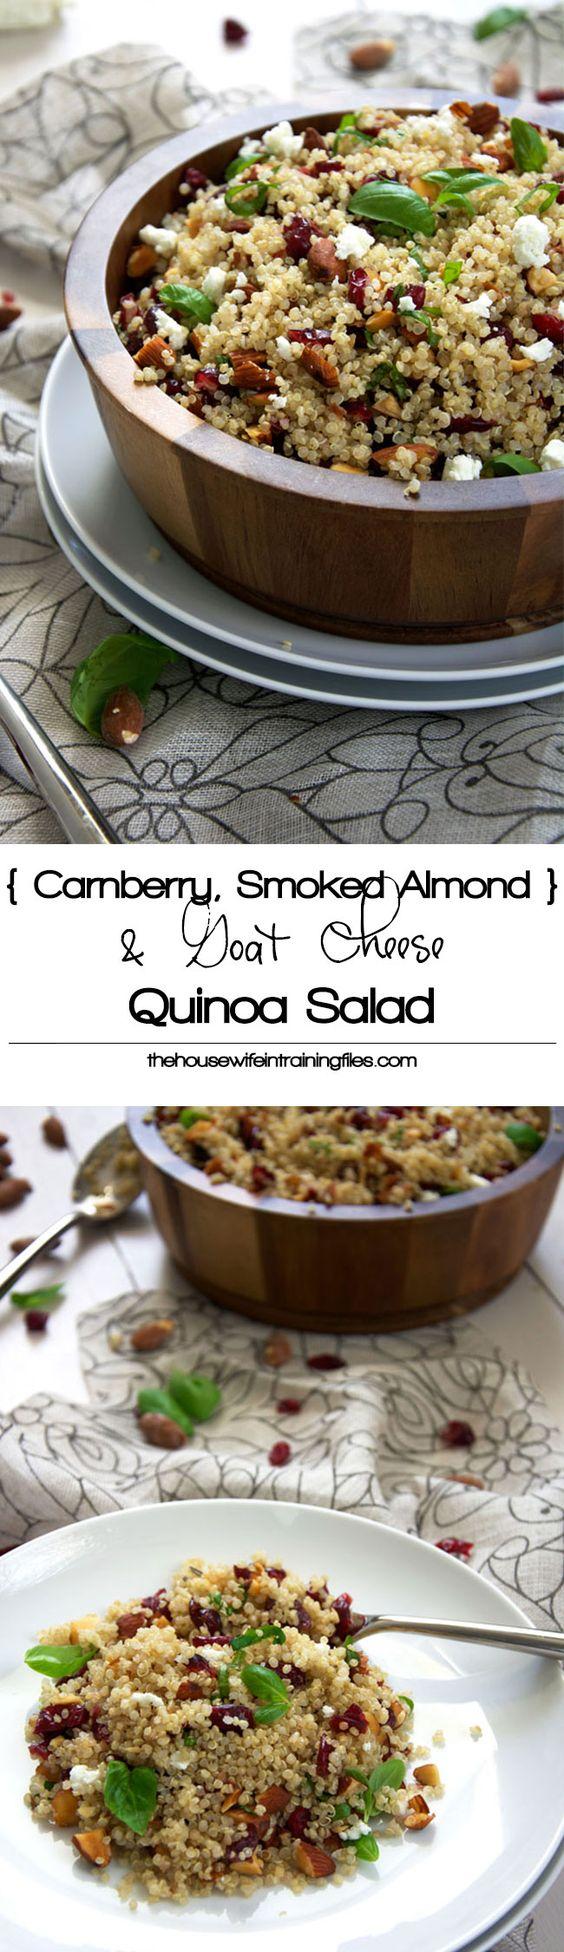 ... Balsamic Vinaigrette | Recipe | Quinoa Salad, Cranberries and Quinoa